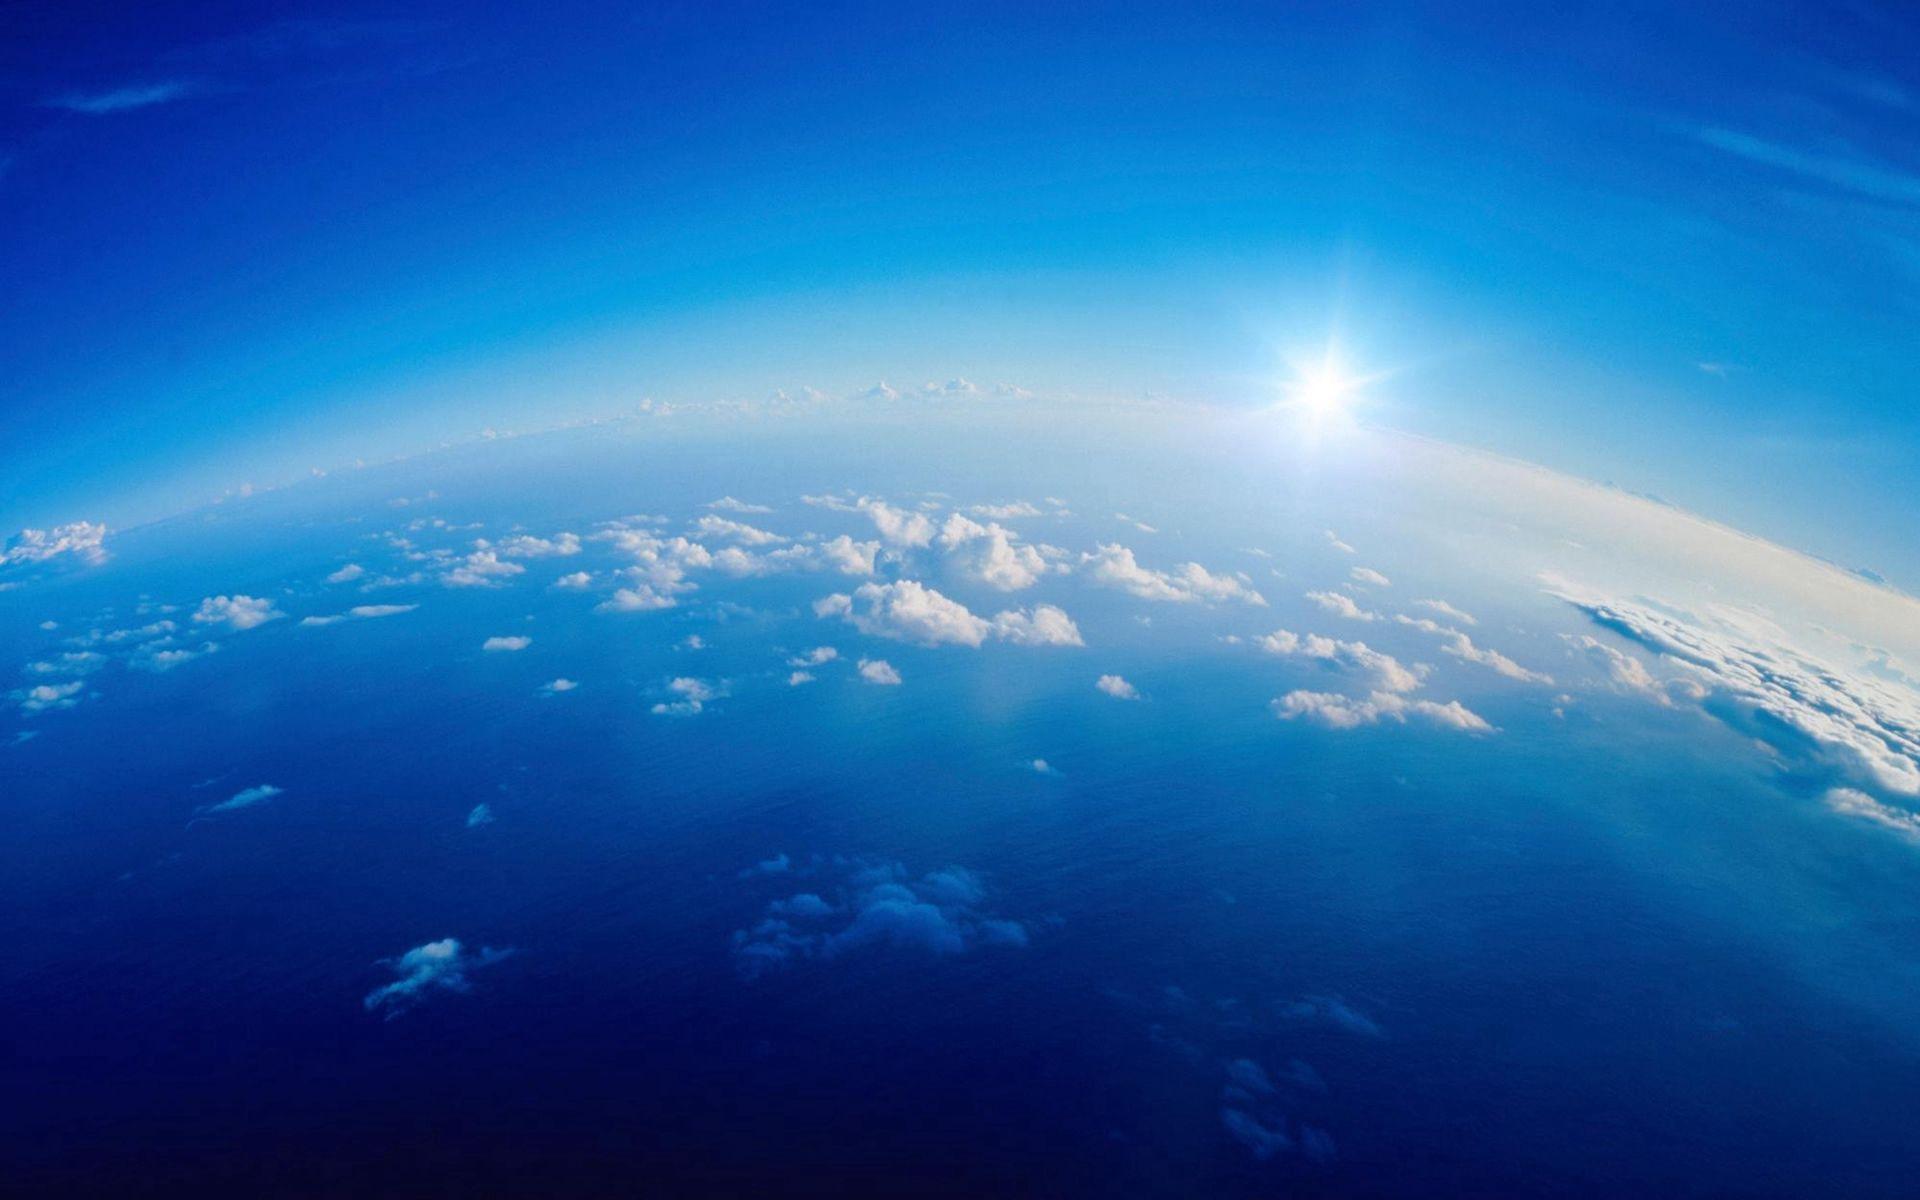 102136 скачать обои Облака, Природа, Небо, Солнце, Свет, Голубой, Высота, Белый - заставки и картинки бесплатно